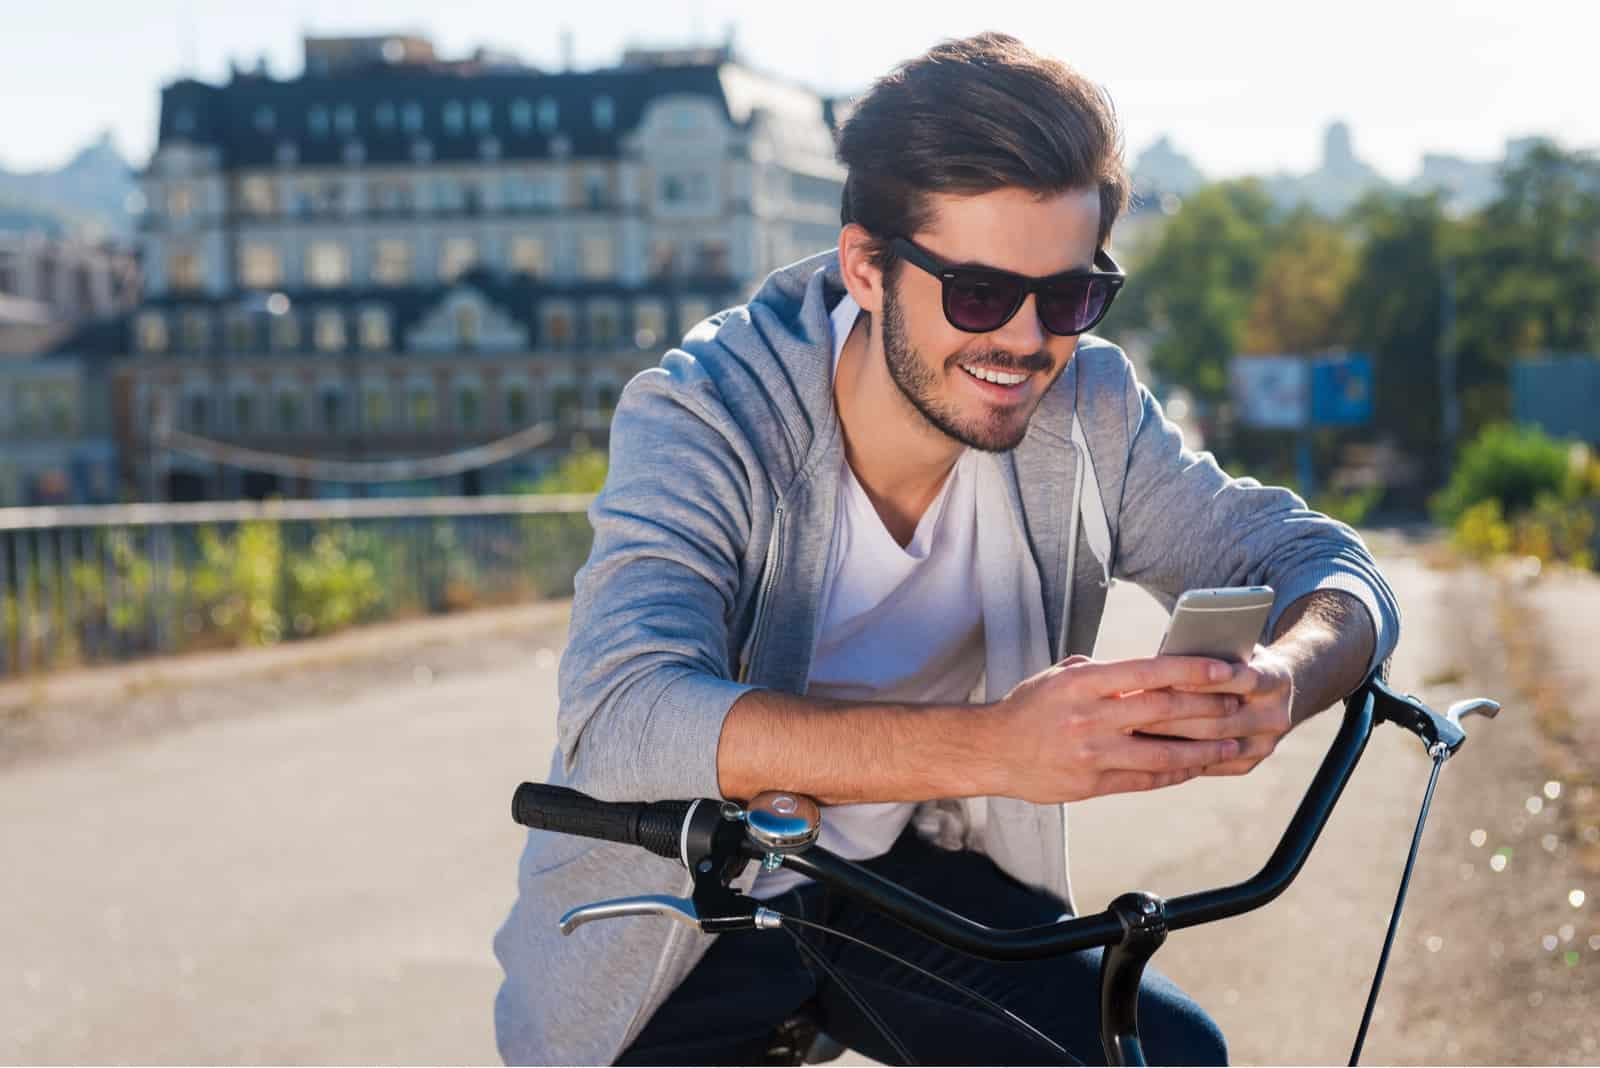 un homme souriant se penche sur un vélo et sur un bouton du téléphone